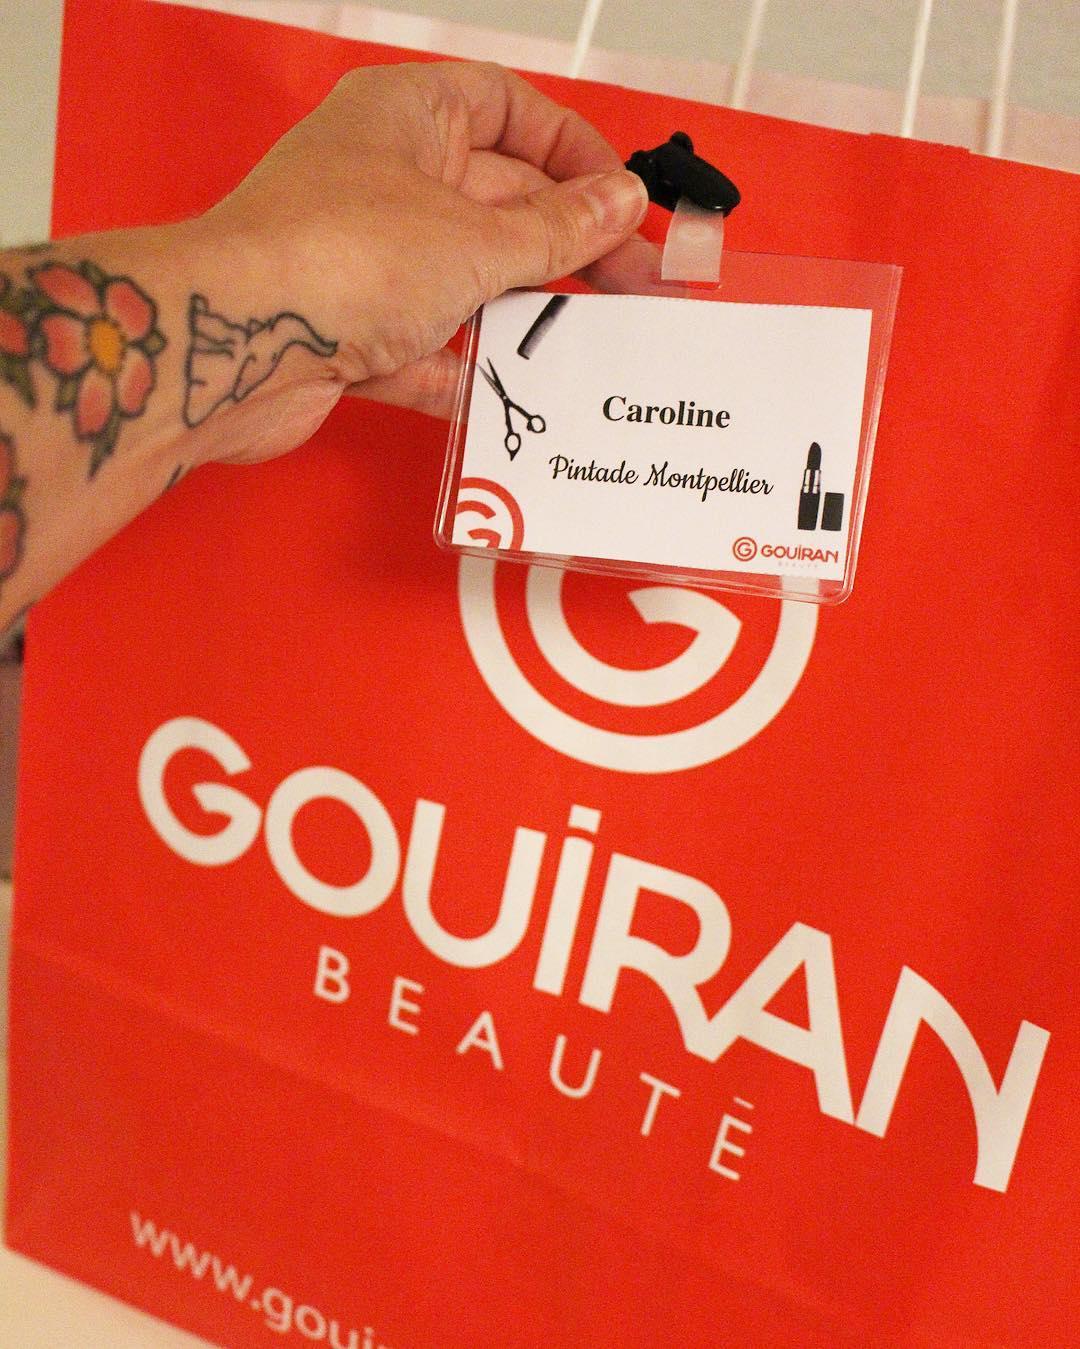 Encore bien gâtée ? à la #gouiranparty ! Au programme : présentation de @gouiran_beaute (marque montpelliéraine) et de ses nouveaux produits #beautélive ? Atelier création d'un masque pour les cheveux ?? atelier nail art ?? atelier coiffure  ____________ #gouiran #gouiranbeaute #montpellier #beauty #blogbeaute #blog #gouiranmontpellier #beautelive #blogparty